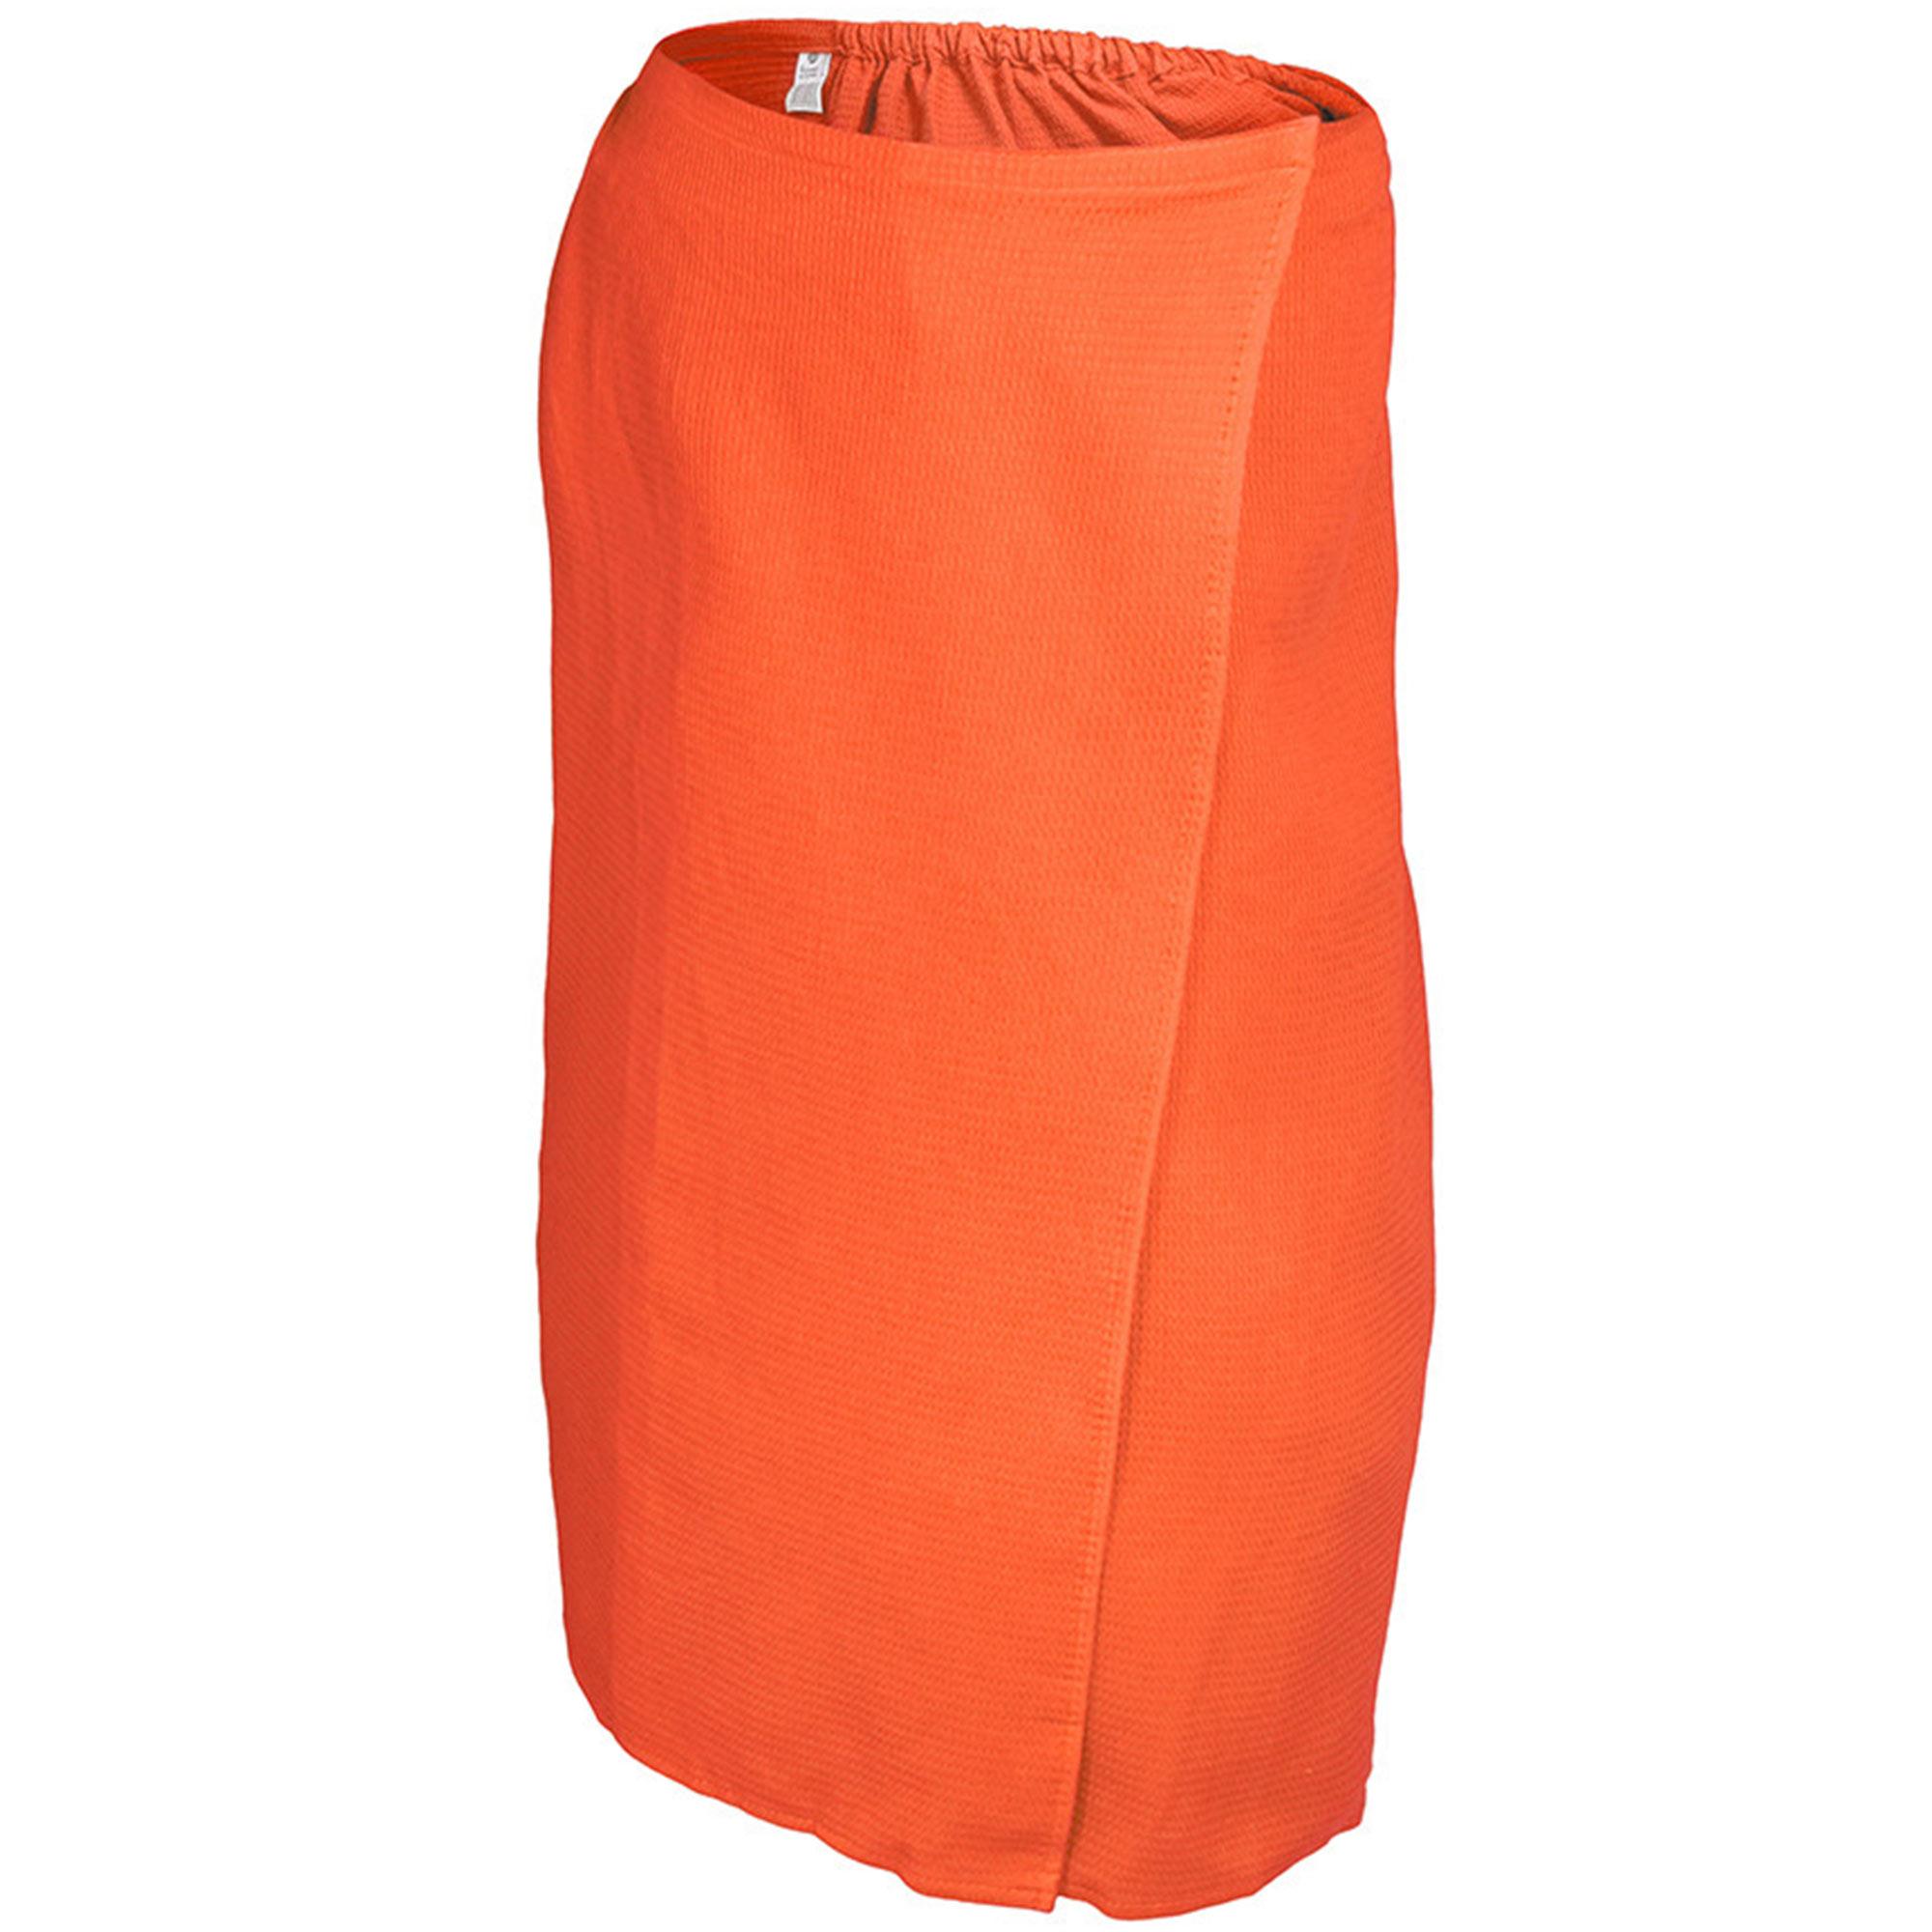 Вафельная накидка для женщин Банные штучки 145x78 см оранжевая